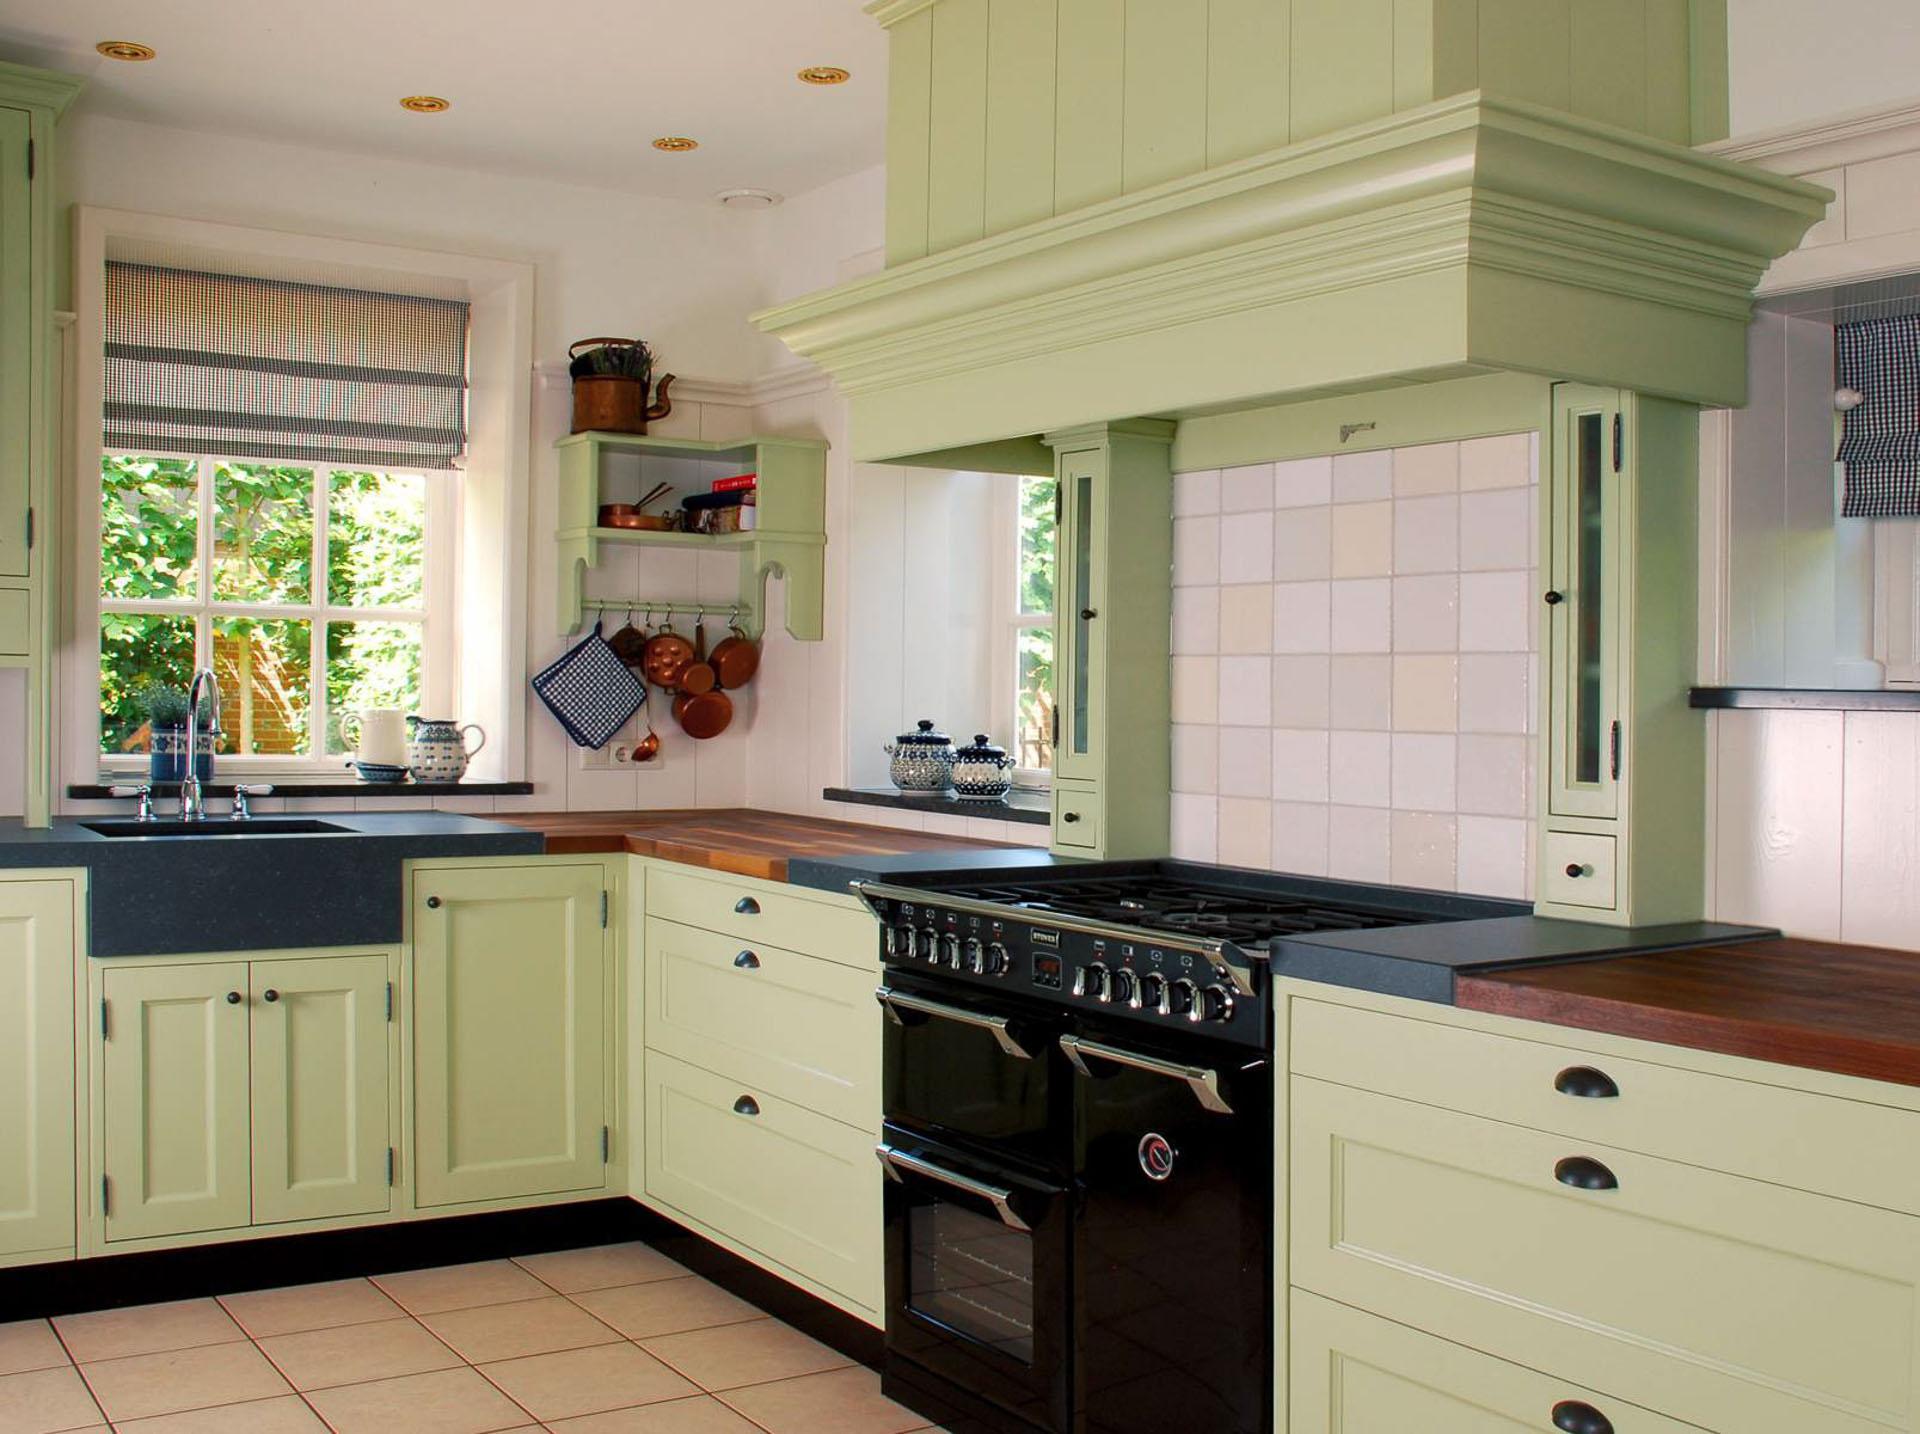 Farrow & Ball groene houten keuken met landelijk karakter